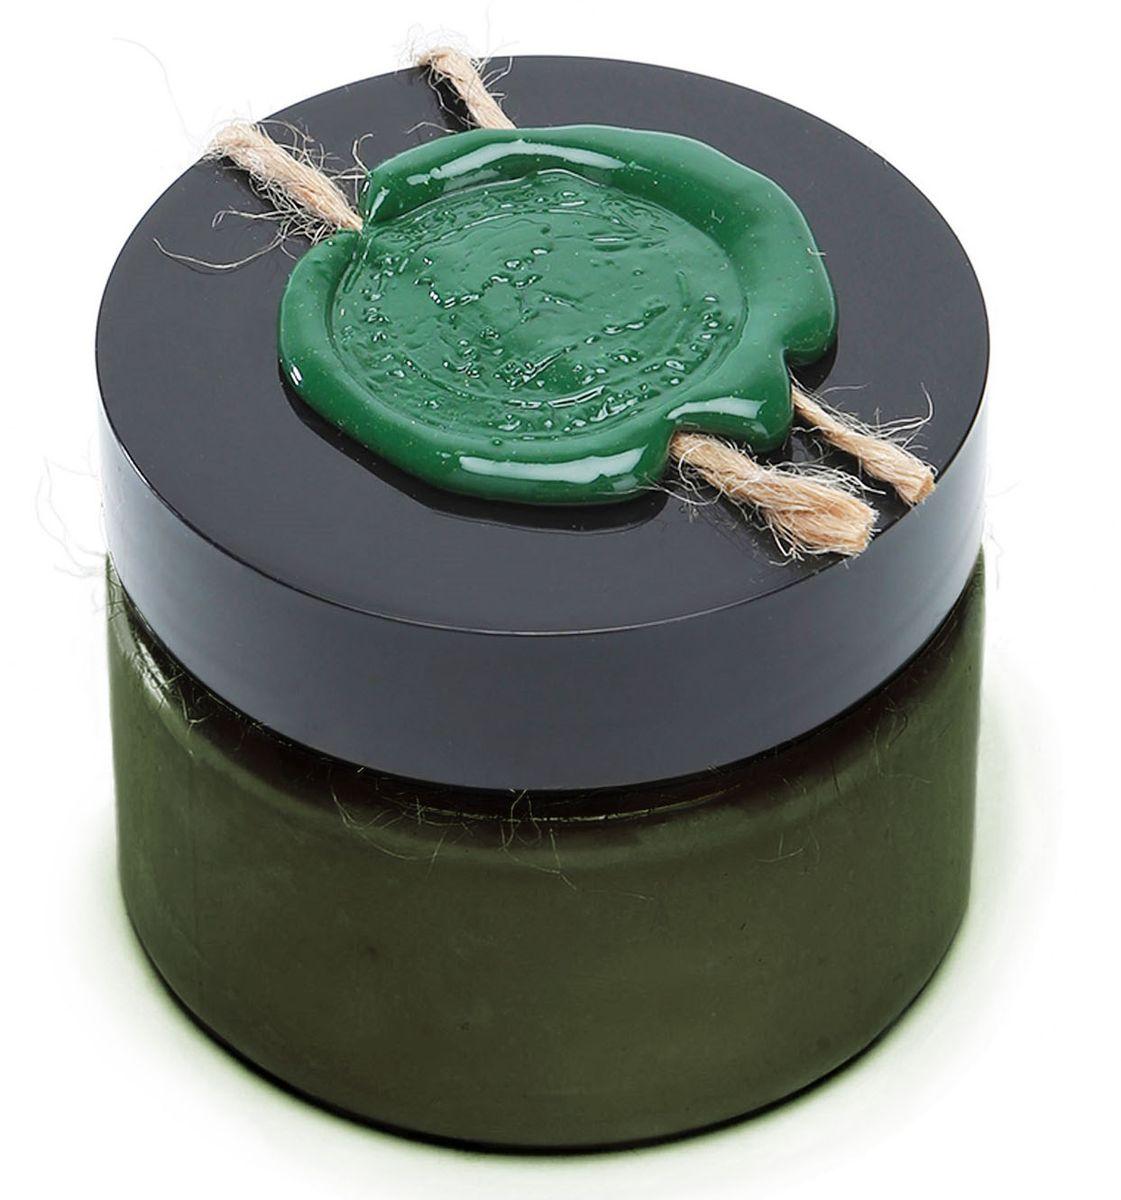 Huilargan Марокканское черное мыло Бельди с аргановым маслом, 100 гFS-00897Марокканское черное мыло Бельди обогащено аргановым маслом - это на все 100 натуральное косметическое мыло растительного происхождения. Это настоящее черное мыло - густая масса с приятным запахом, которая служит в 5 раз дольше аналогов, так как содержит меньше воды.Марокканское черное мыло - богато витамином Е, глубоко очищает кожу и поры, растворяет загрязнения и отмершие клетки; обладает увлажняющим, успокаивающим и смягчающим свойствами; подходит для всех типов кожи; не раздражает и не сушит кожу. В Марокко используют черное мыло в основном в хаммамах, но его также можно использовать в ванной.